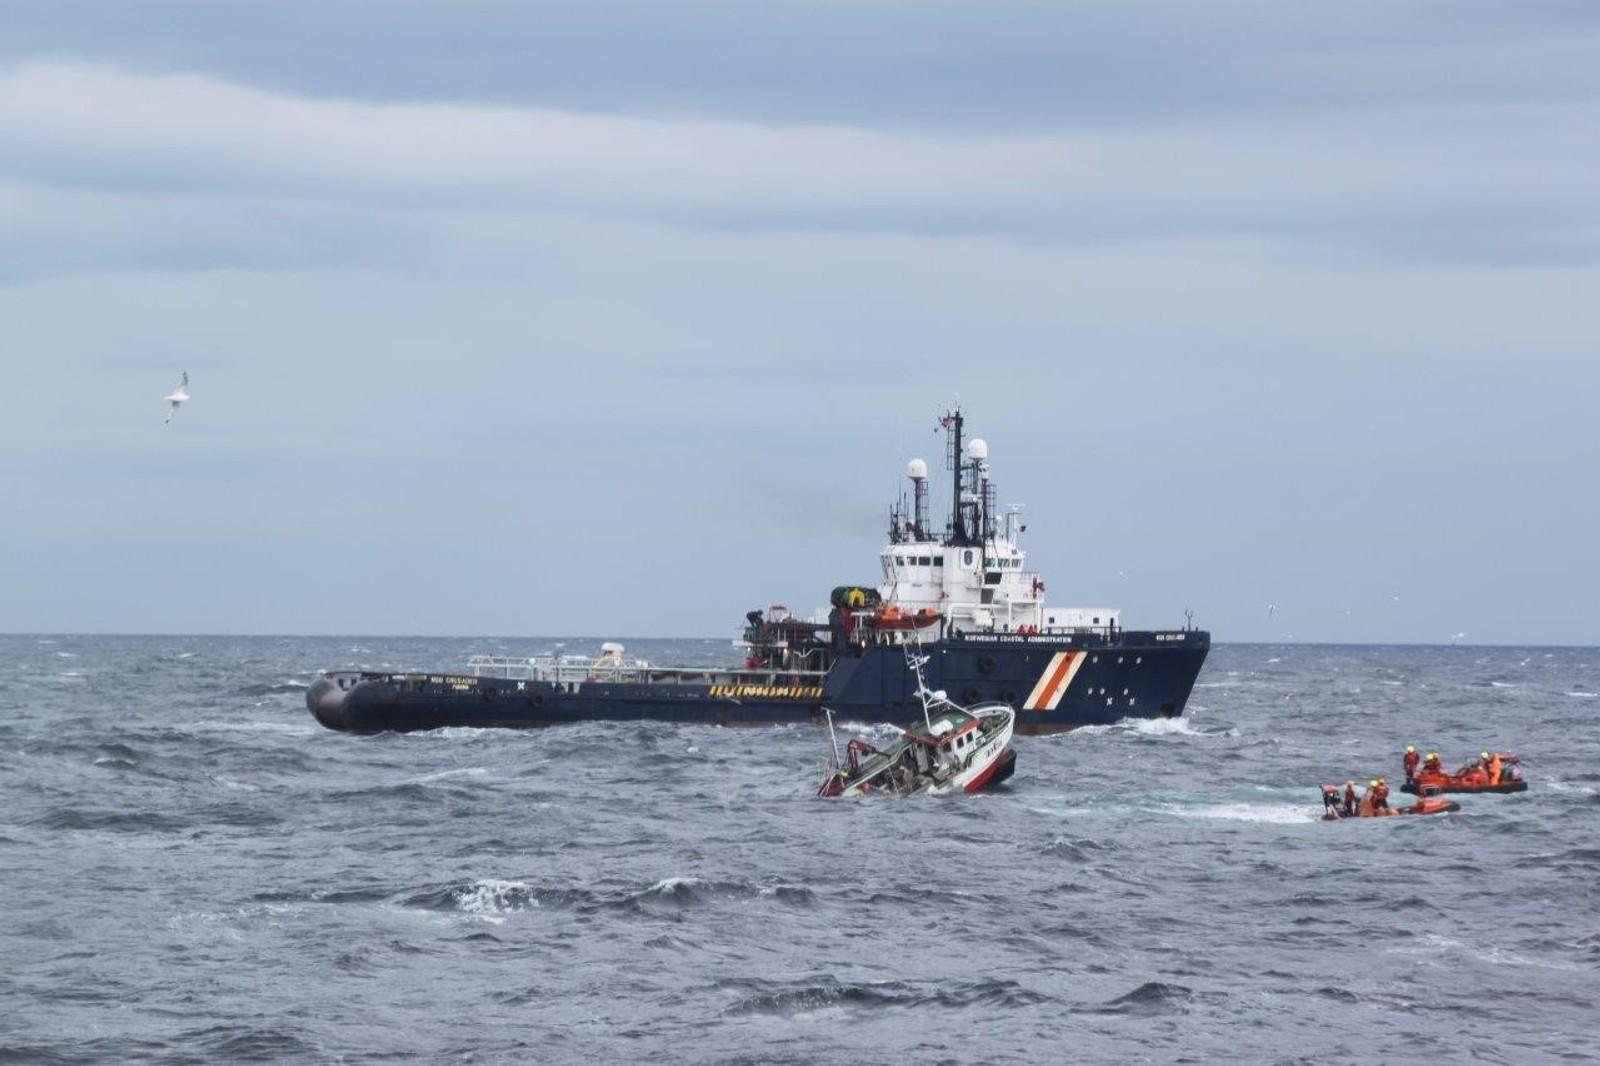 Her er Endre Jakobsen nettopp tatt over i lettbåten, fiskefartøyet hans går raskt under vann.